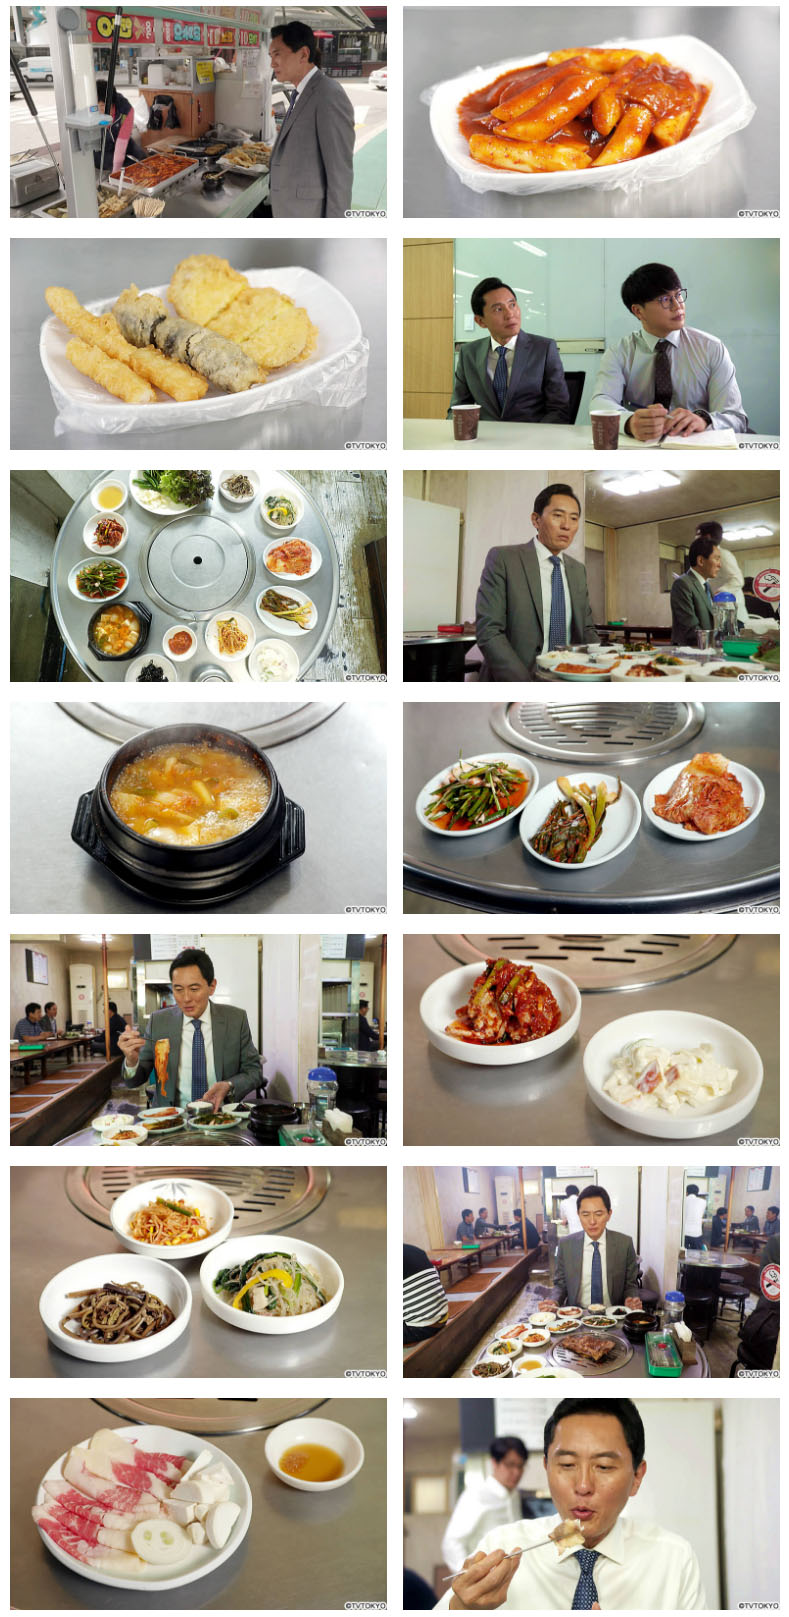 고독한 미식가 한국출장2 일드 고독한 미식가 고로상(마츠시게 유타카) 한국출장편